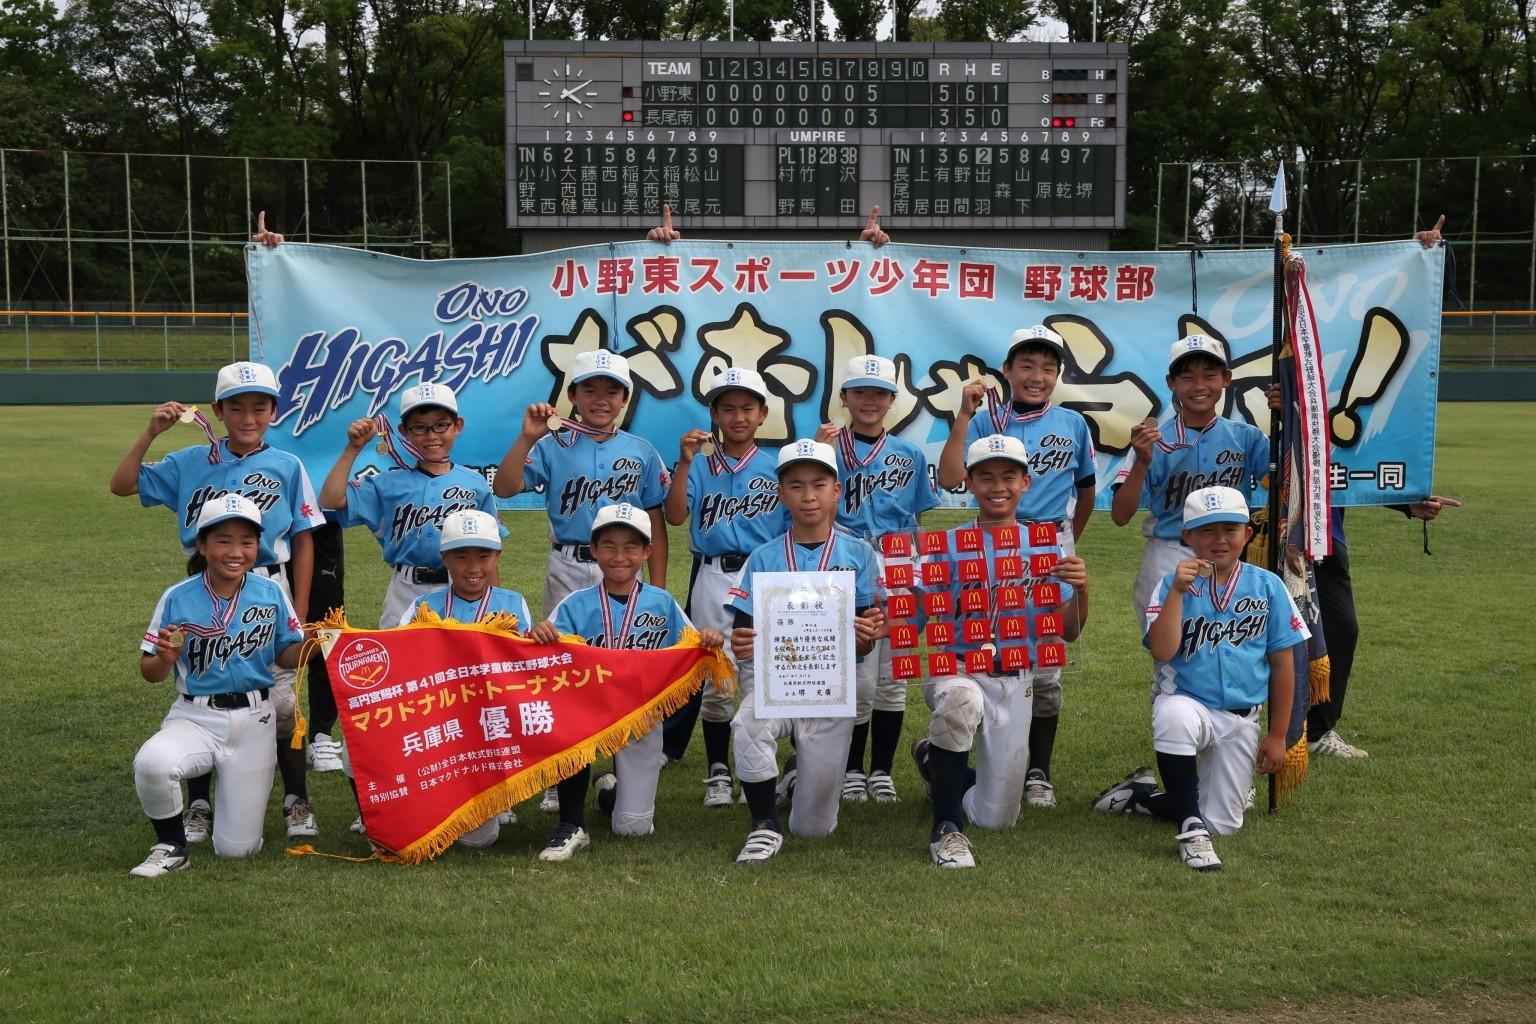 小野東スポーツ少年団